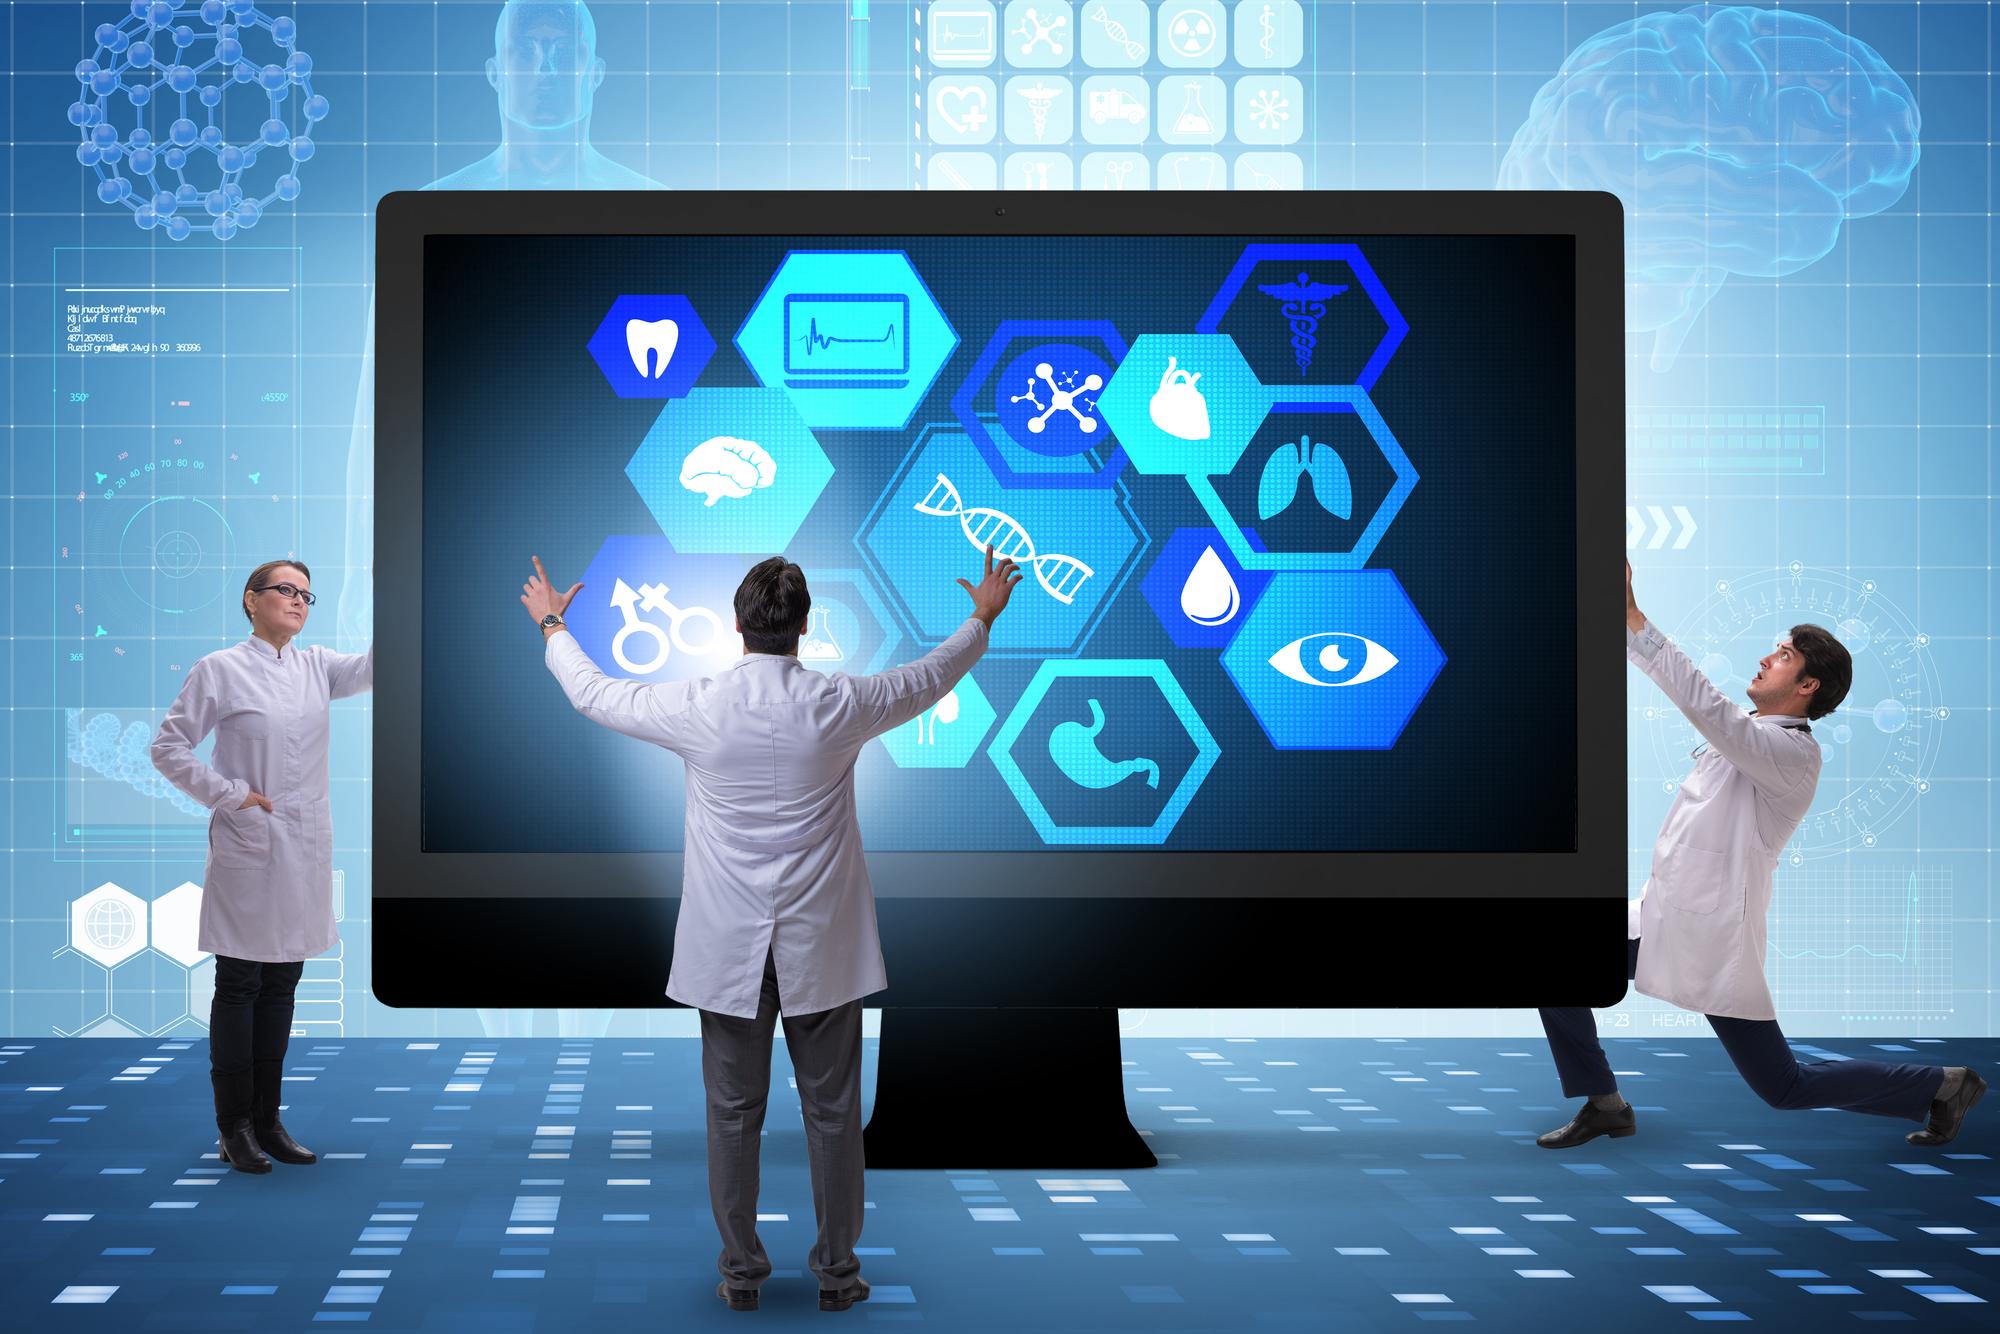 רפואה דיגיטלית אילוסטרציה: depositphotos.com